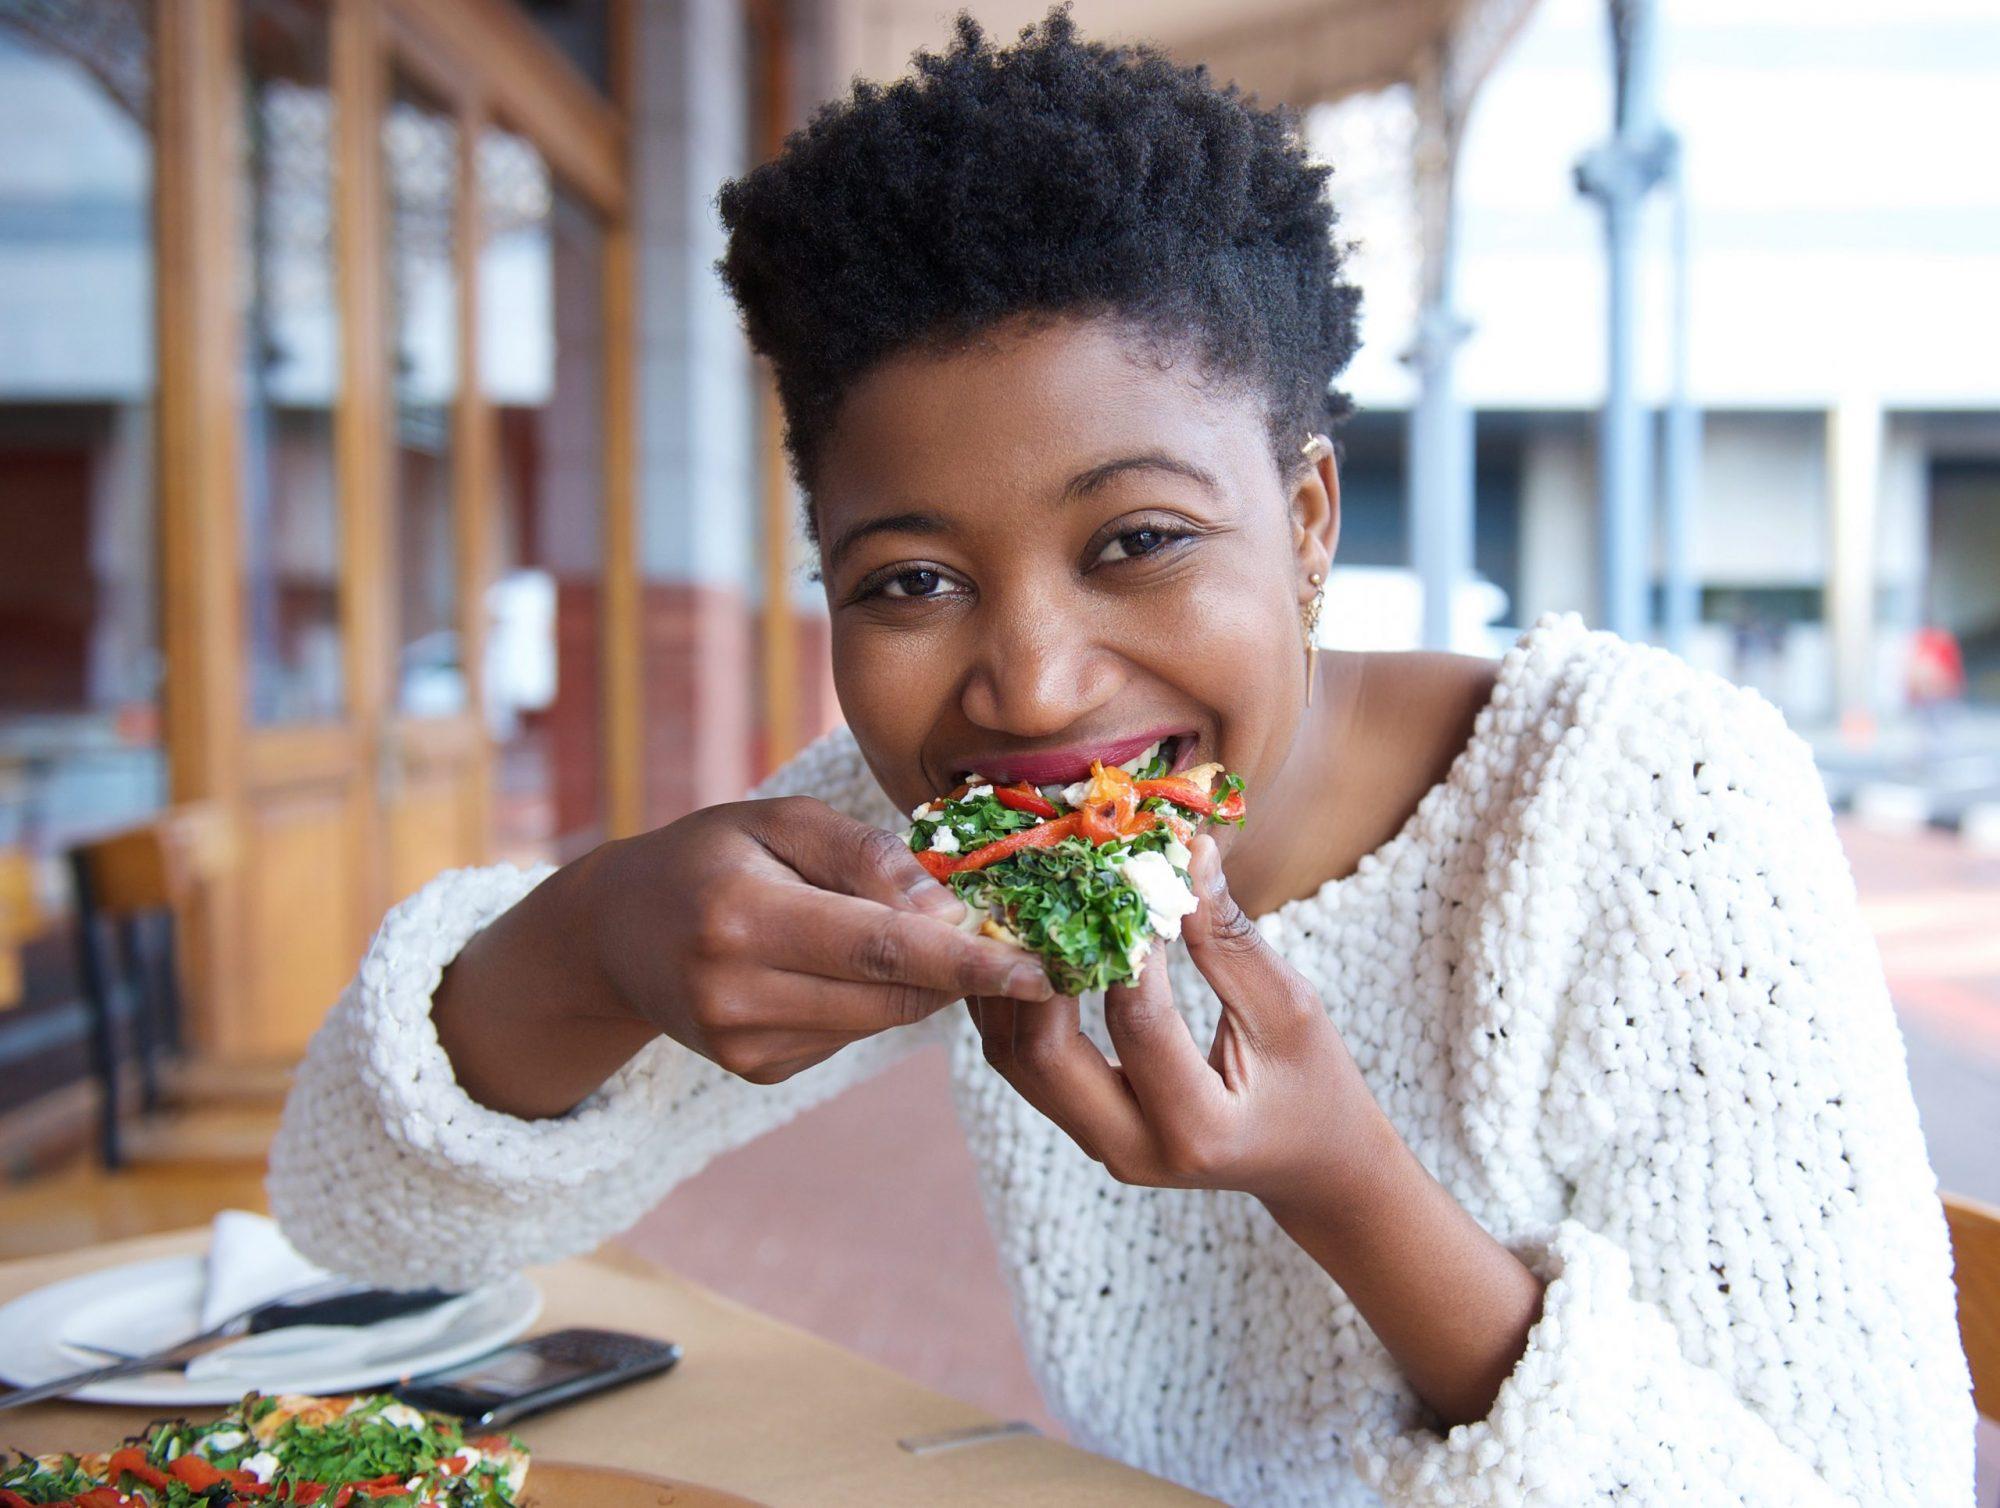 Fome emocional ou fome fisiológica? Aprenda a diferenciar com o mindful eating